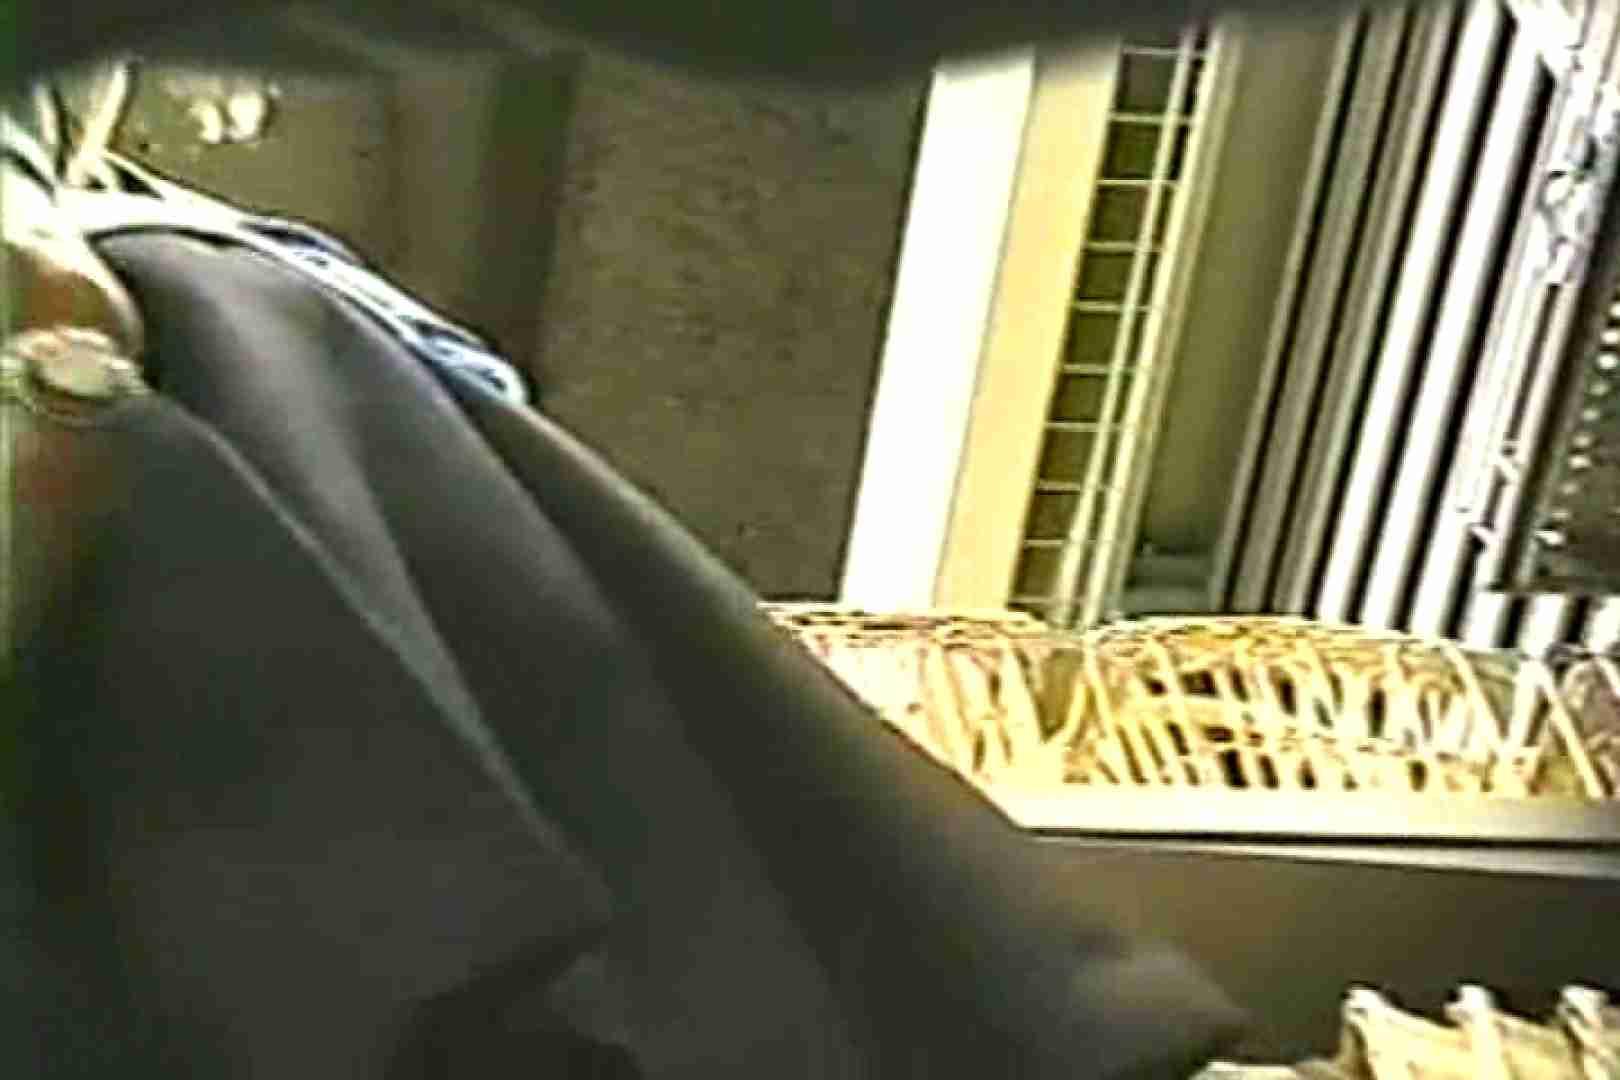 「ちくりん」さんのオリジナル未編集パンチラVol.9_02 チラ   パンチラのぞき  95画像 52